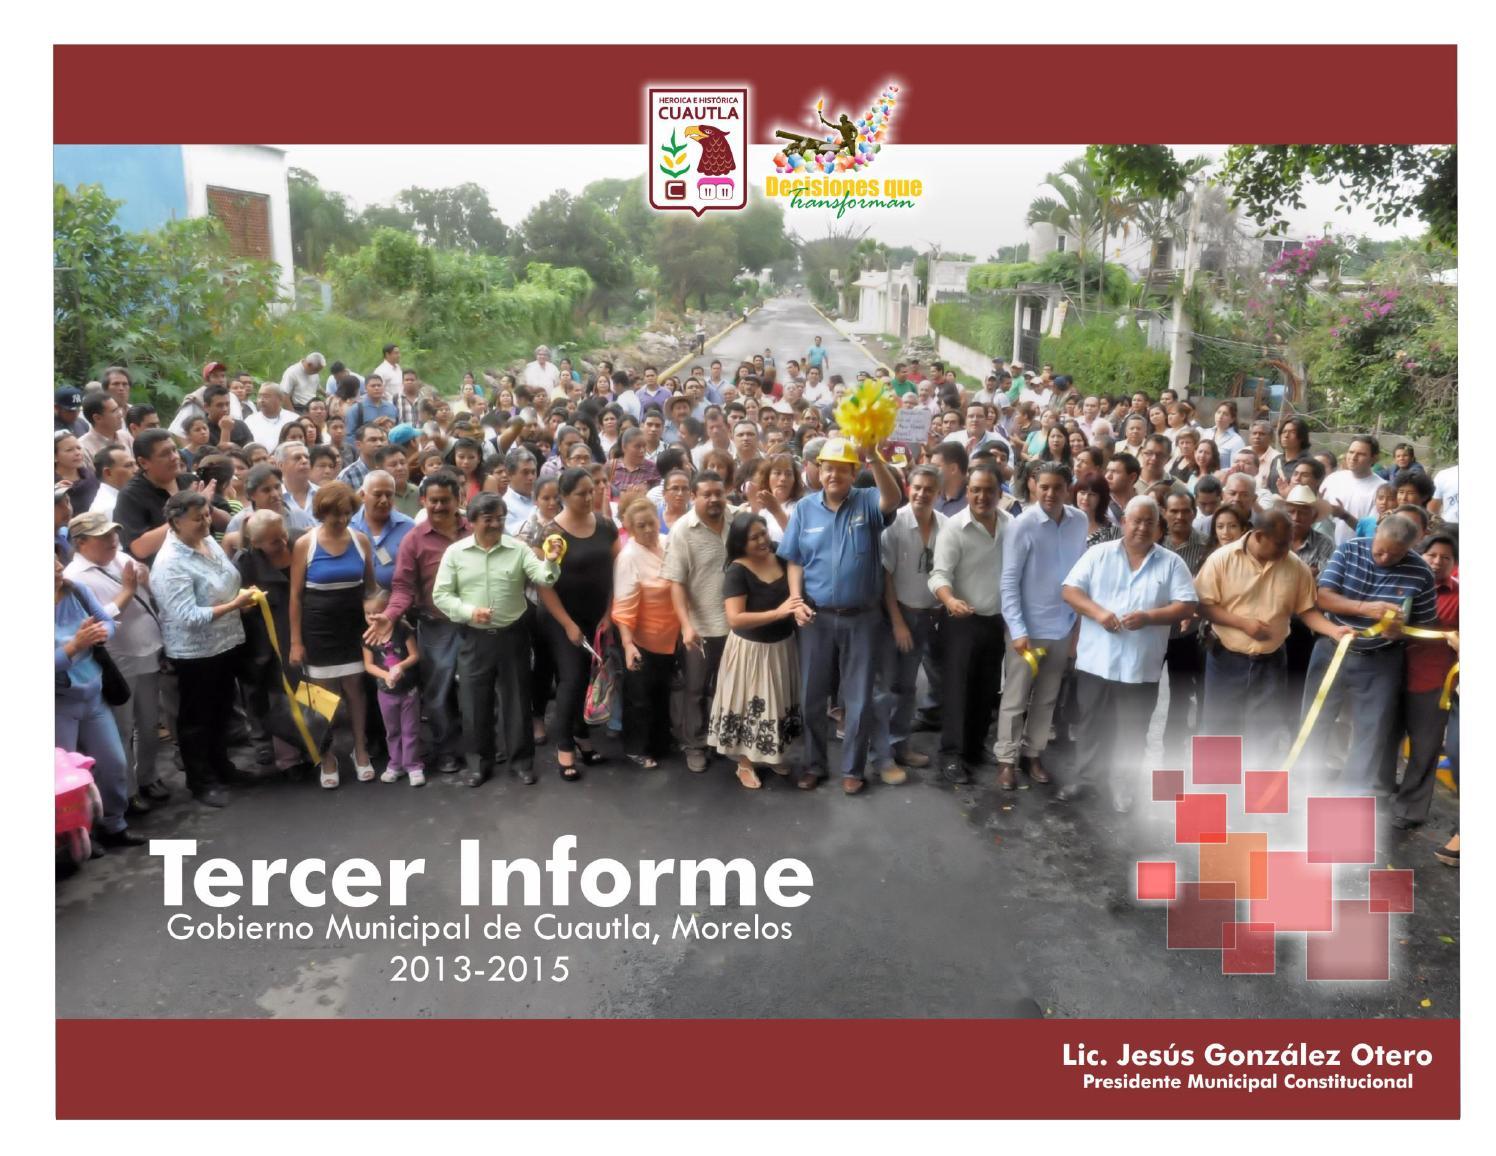 3er Informe de Gobierno Anexo estadístico 2013 2015 by Gobierno Municipal  de Cuautla - issuu 09cba47e6fe